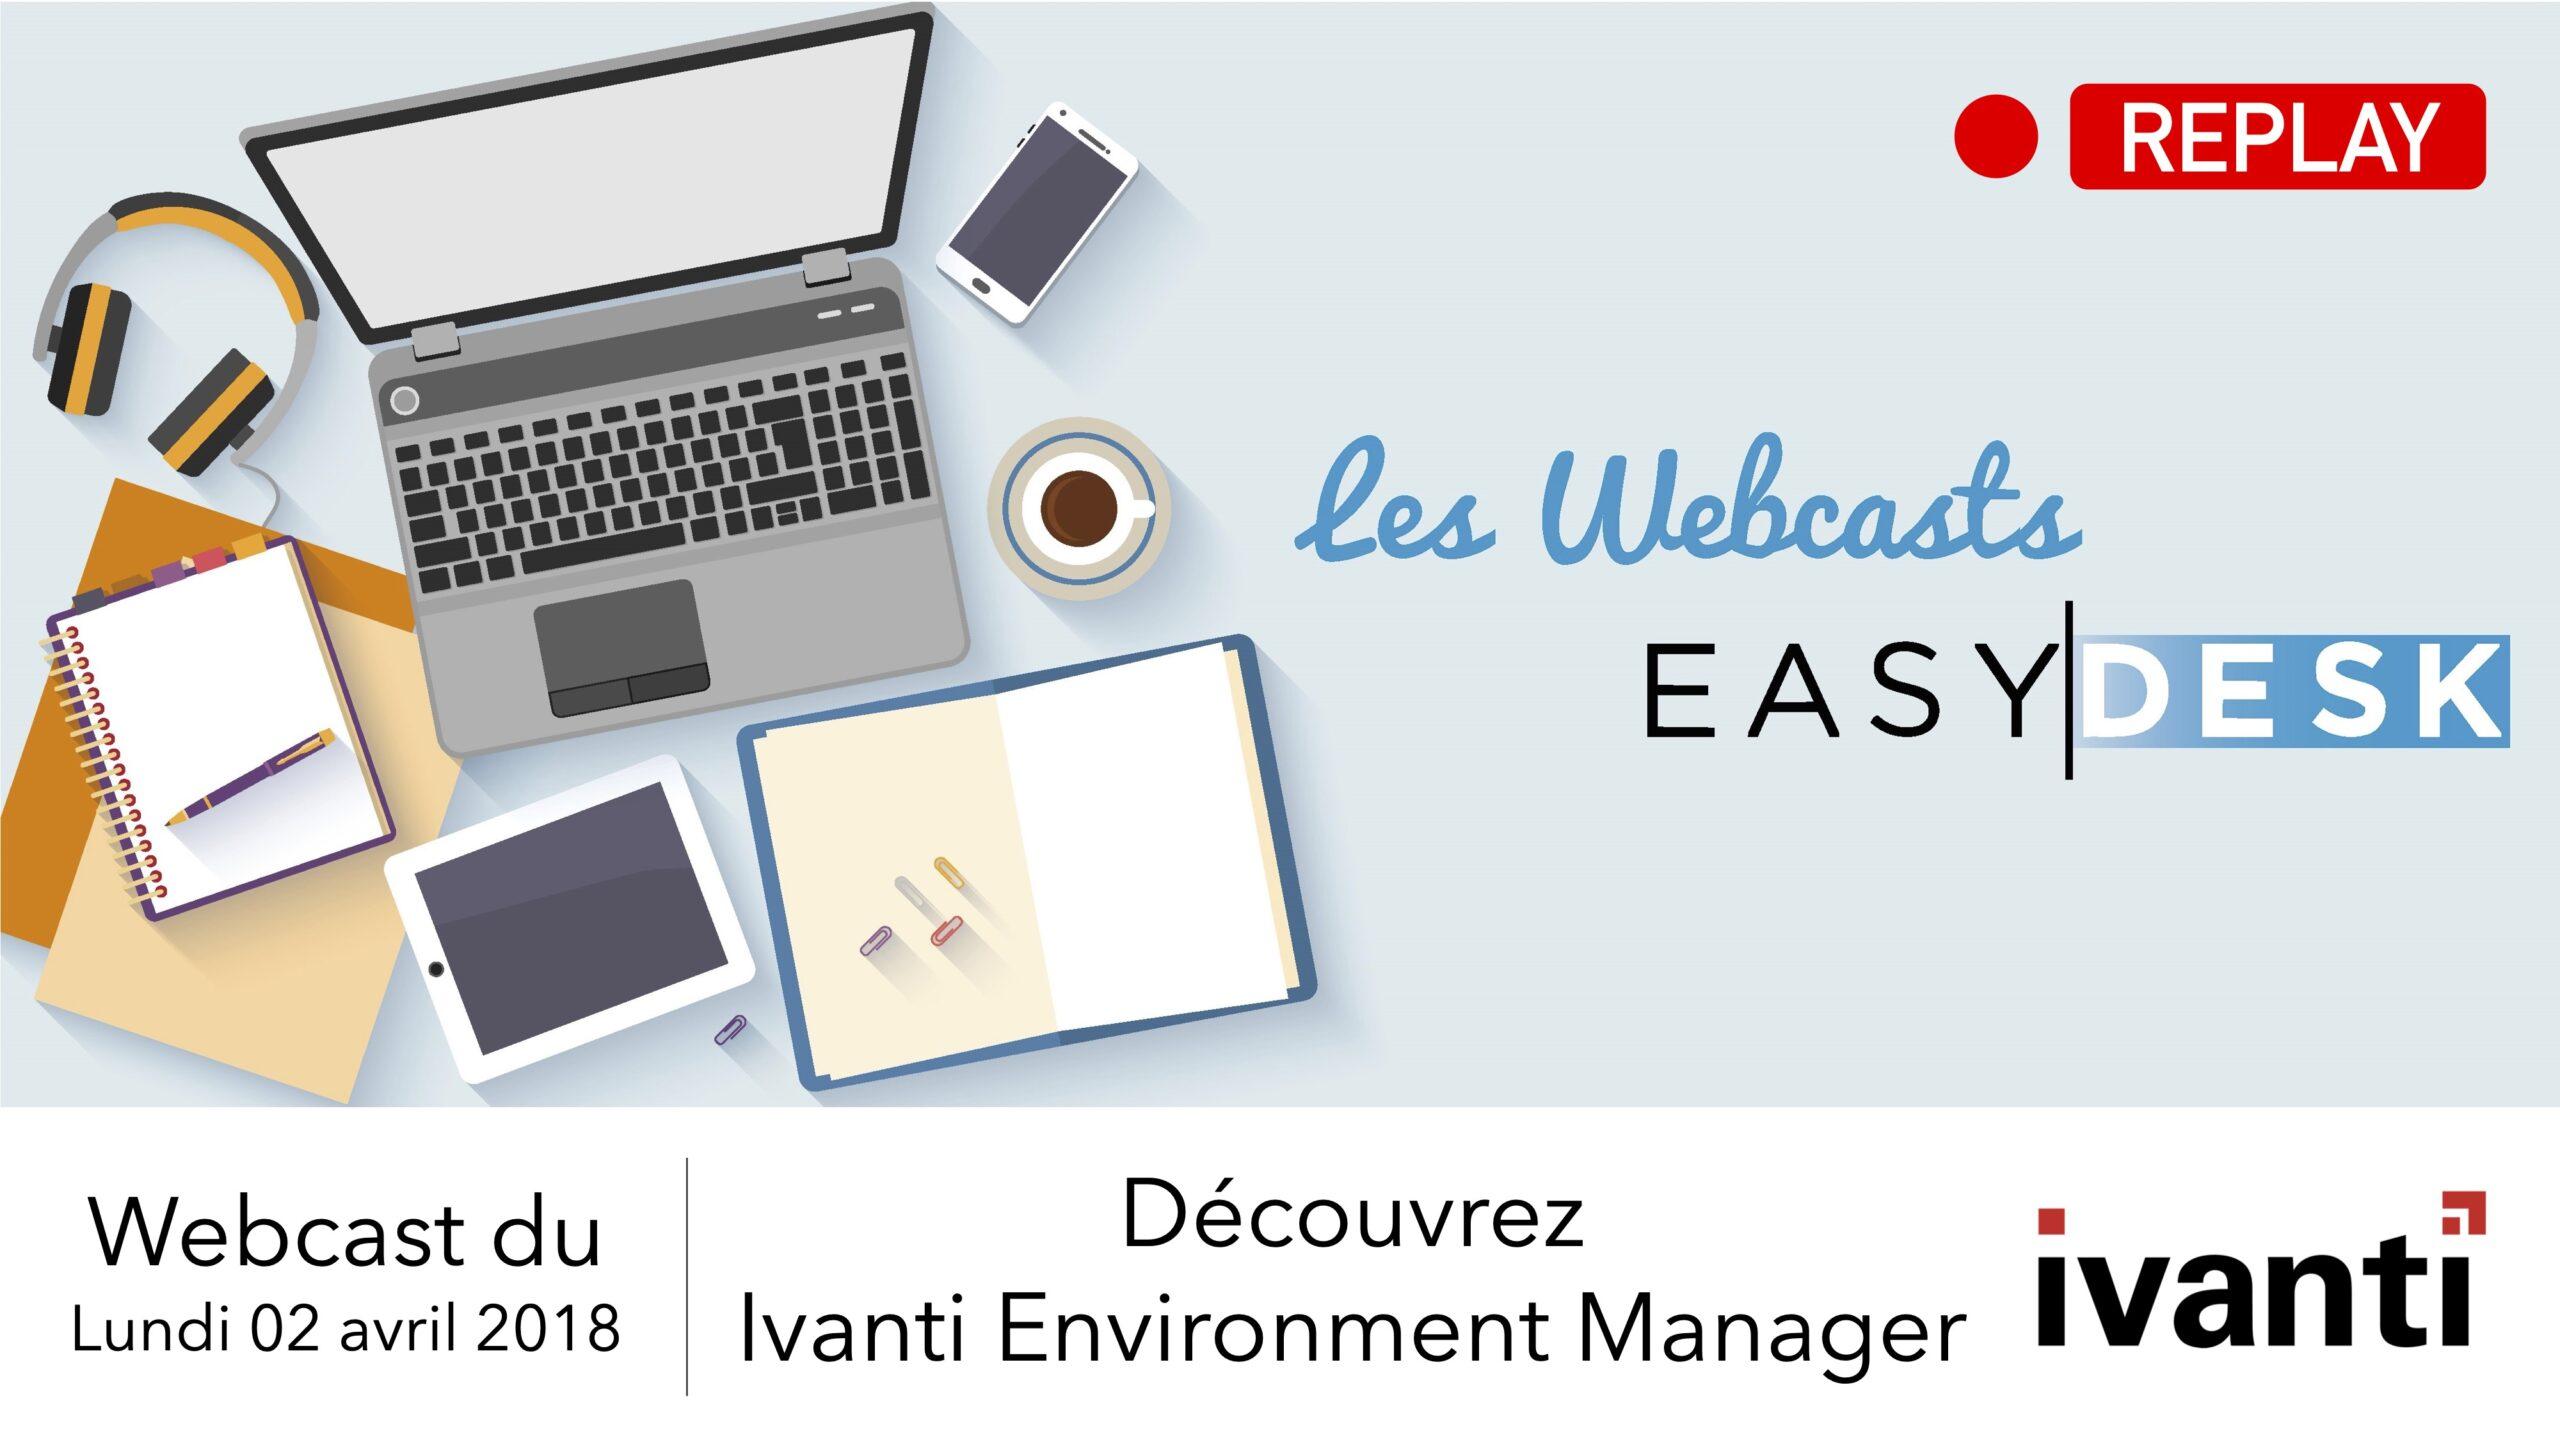 replay webcast : découvrez ivanti environment manager